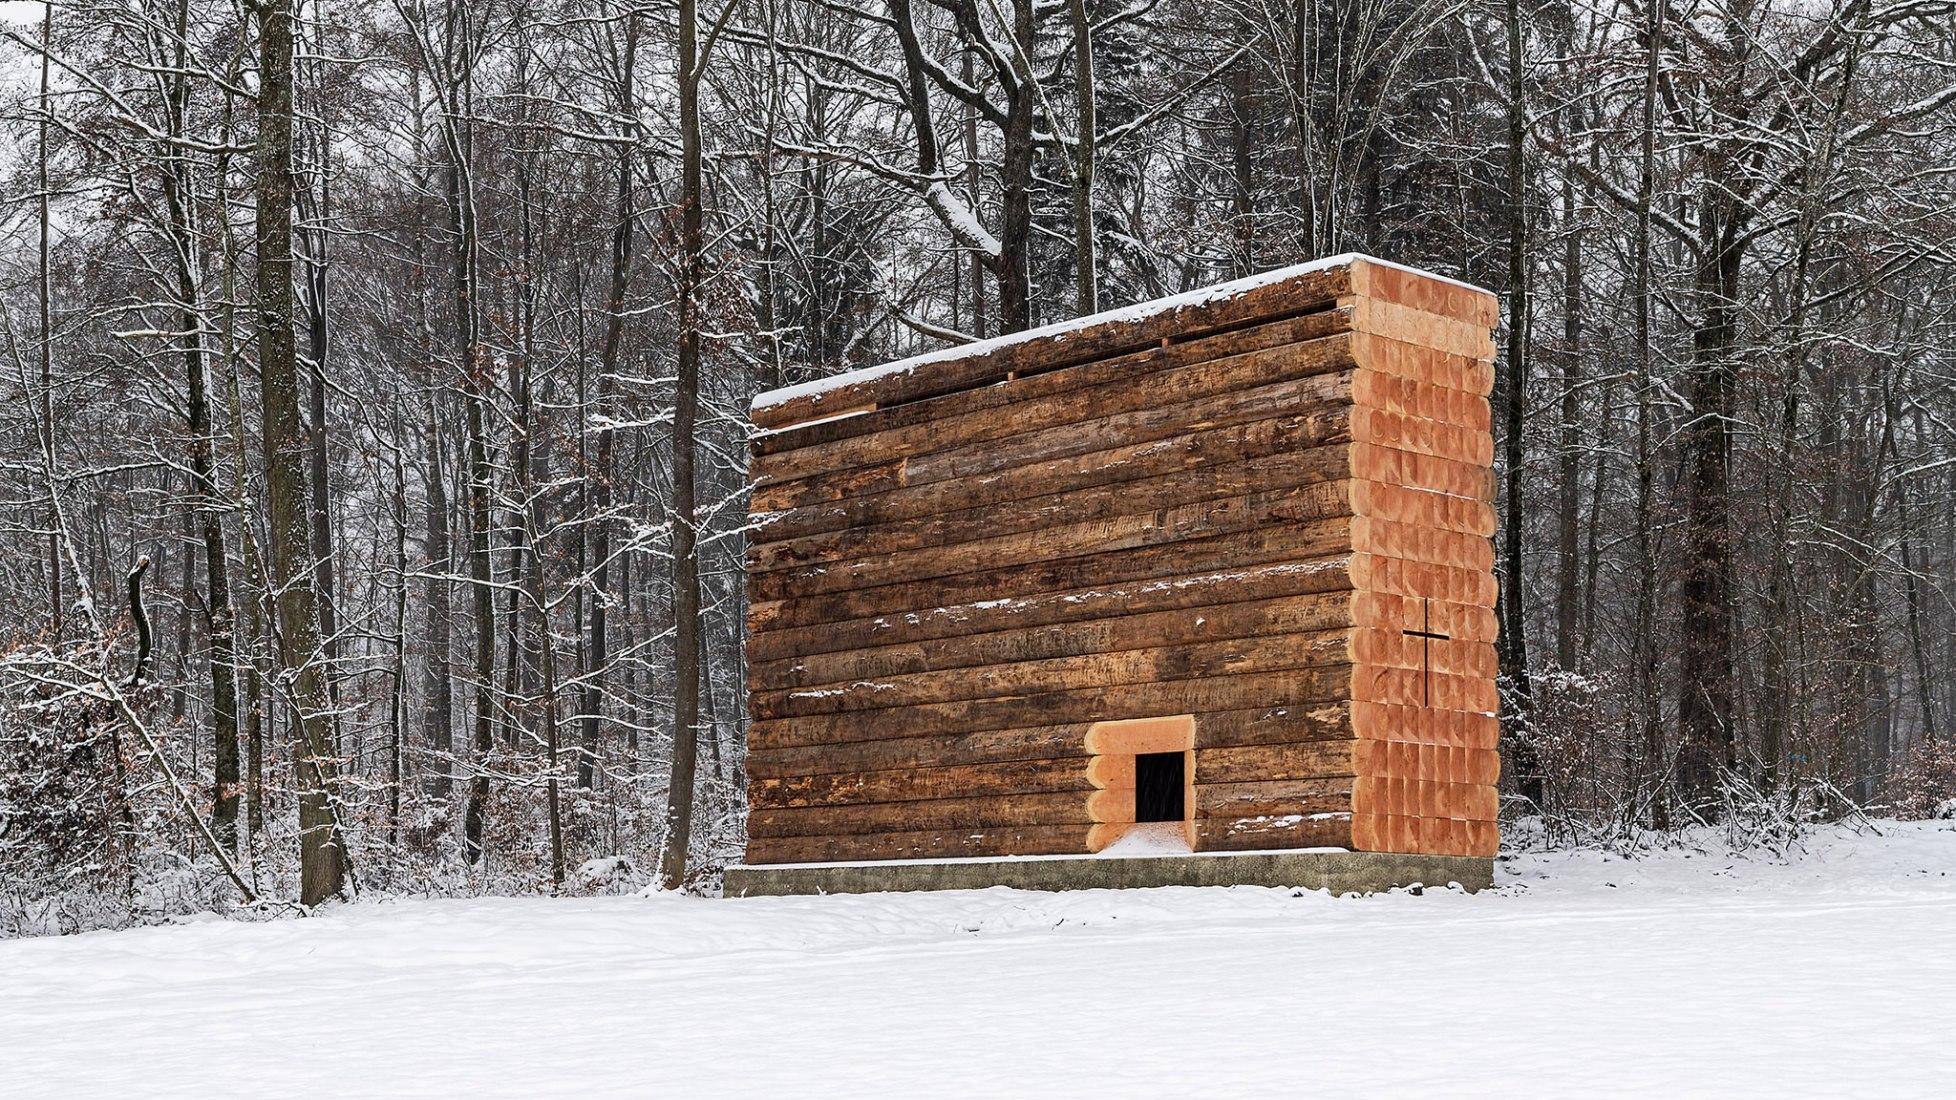 John Pawson, capilla de madera en Unterliezheim. Fotografía por Felix Friedmann.